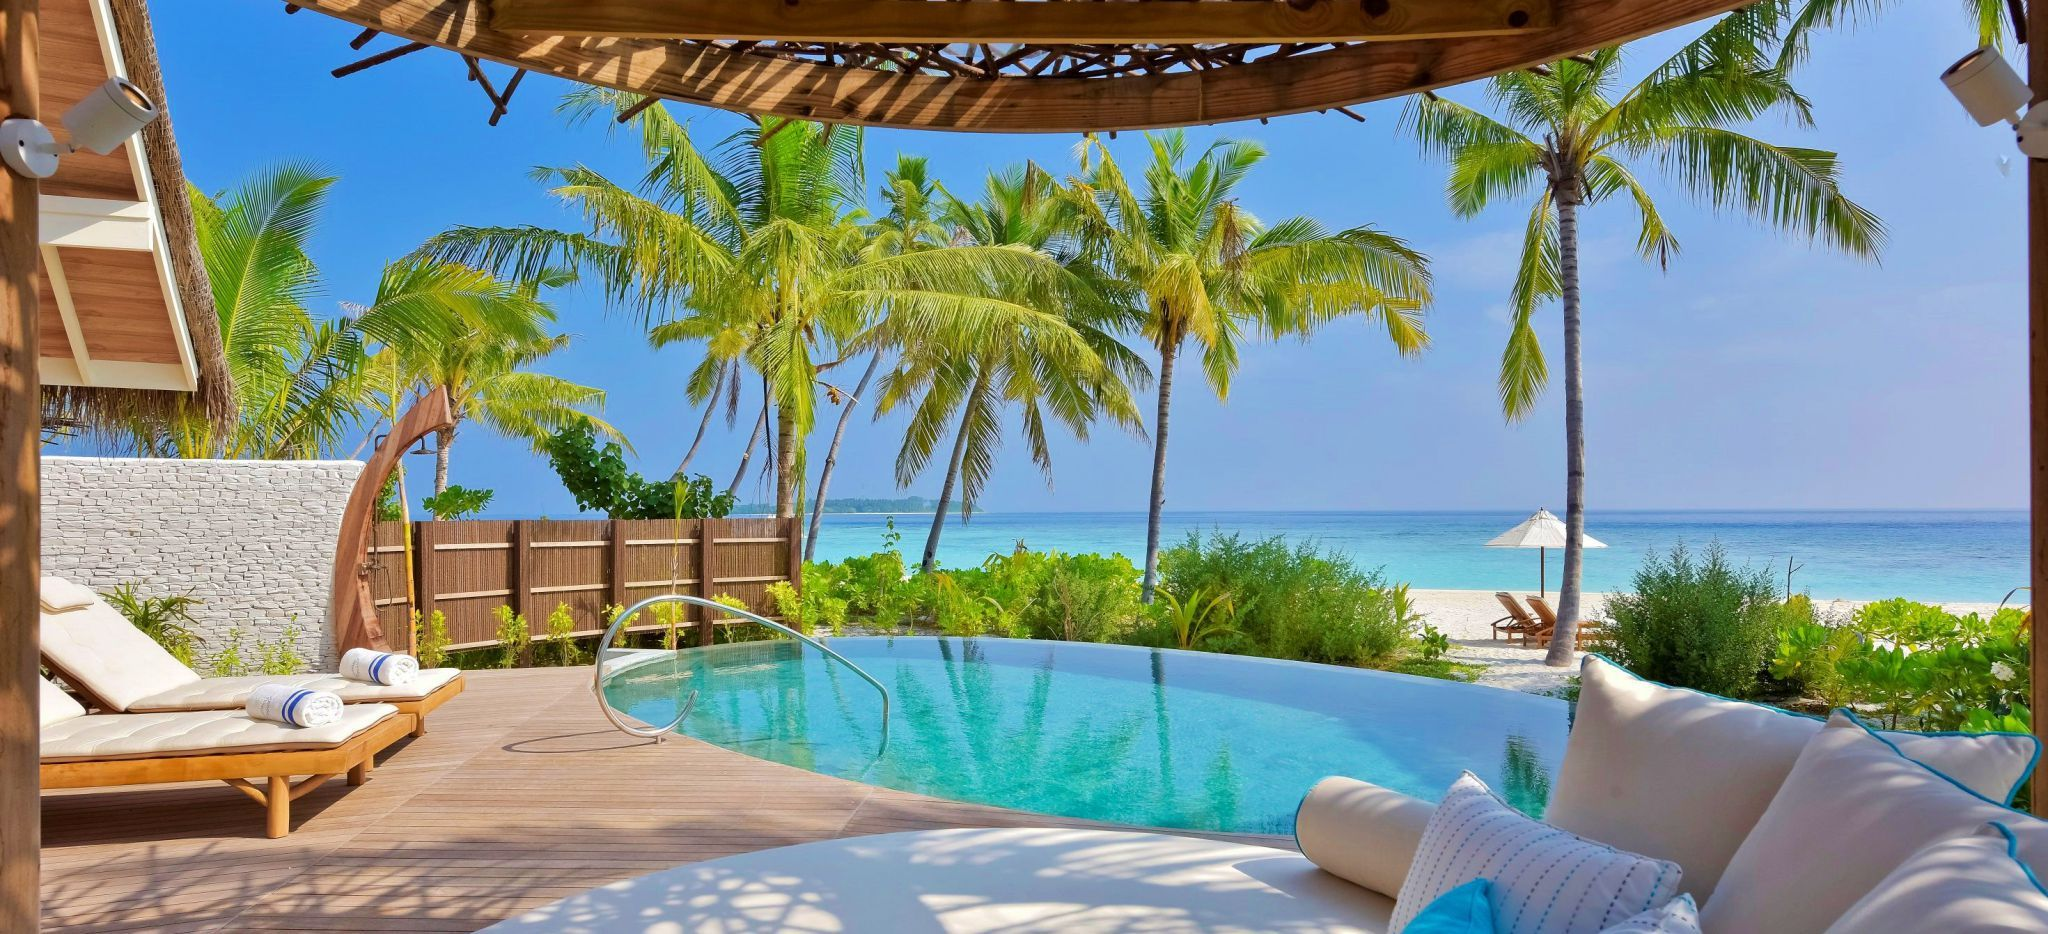 Meerblick von der Terrasse eines weitläufigen, freistehenden Hotelzimmers, über einen Pool und den Strand